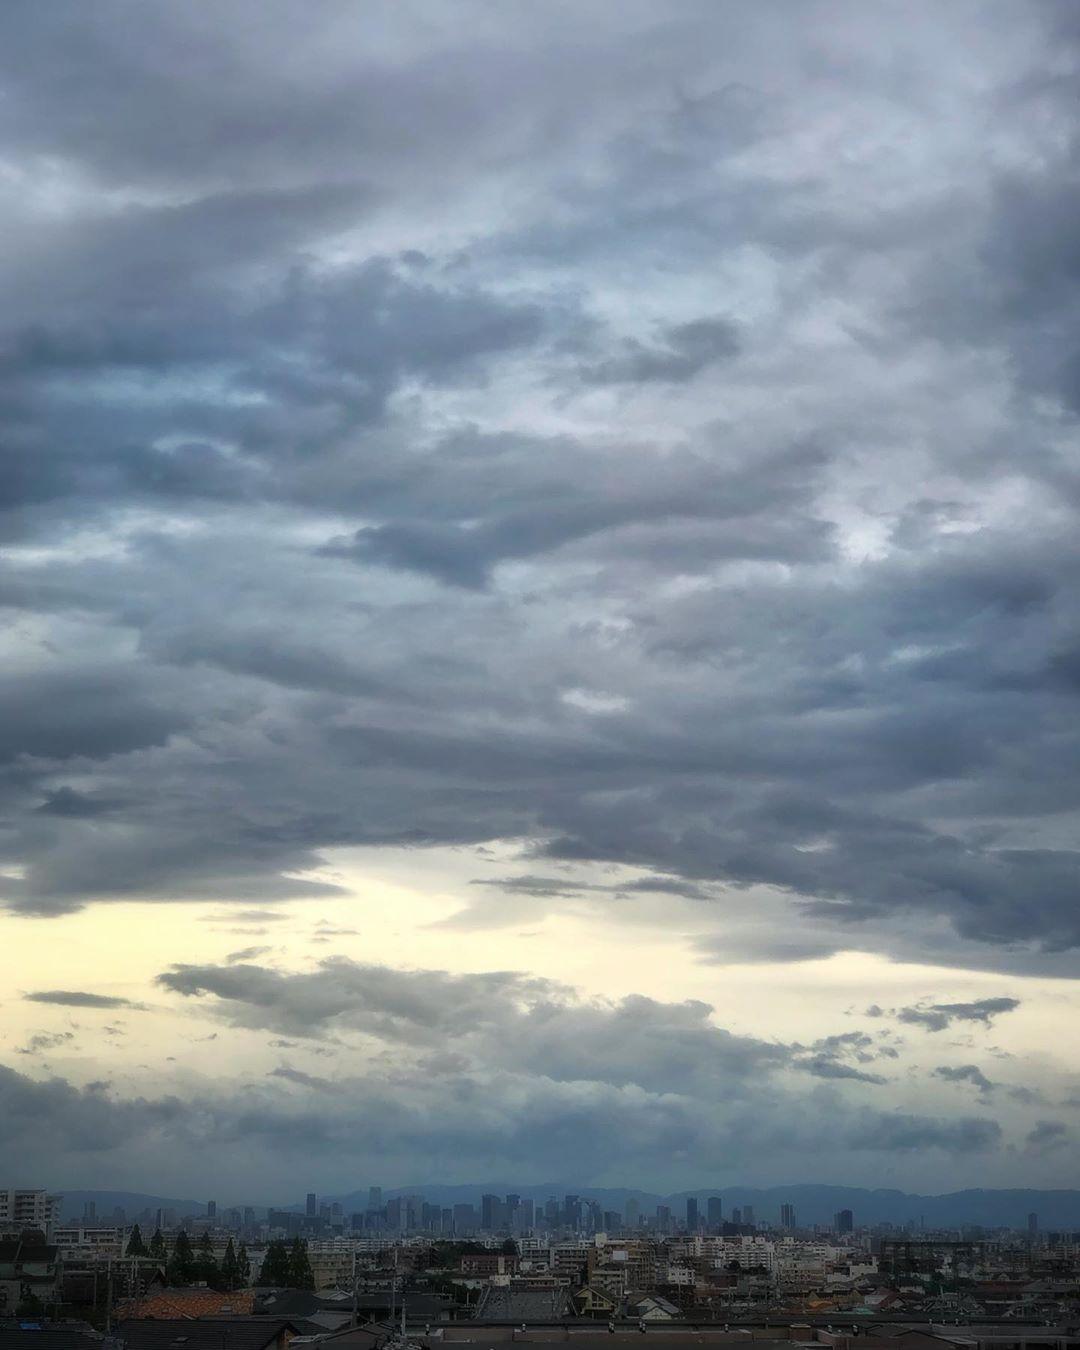 Le typhon approche. Impossible de savoir vraiment à l'avance si ça va être violent ou pas. Alors on attend passivement. On se met à l'abri et on observe la danse de dame nature.